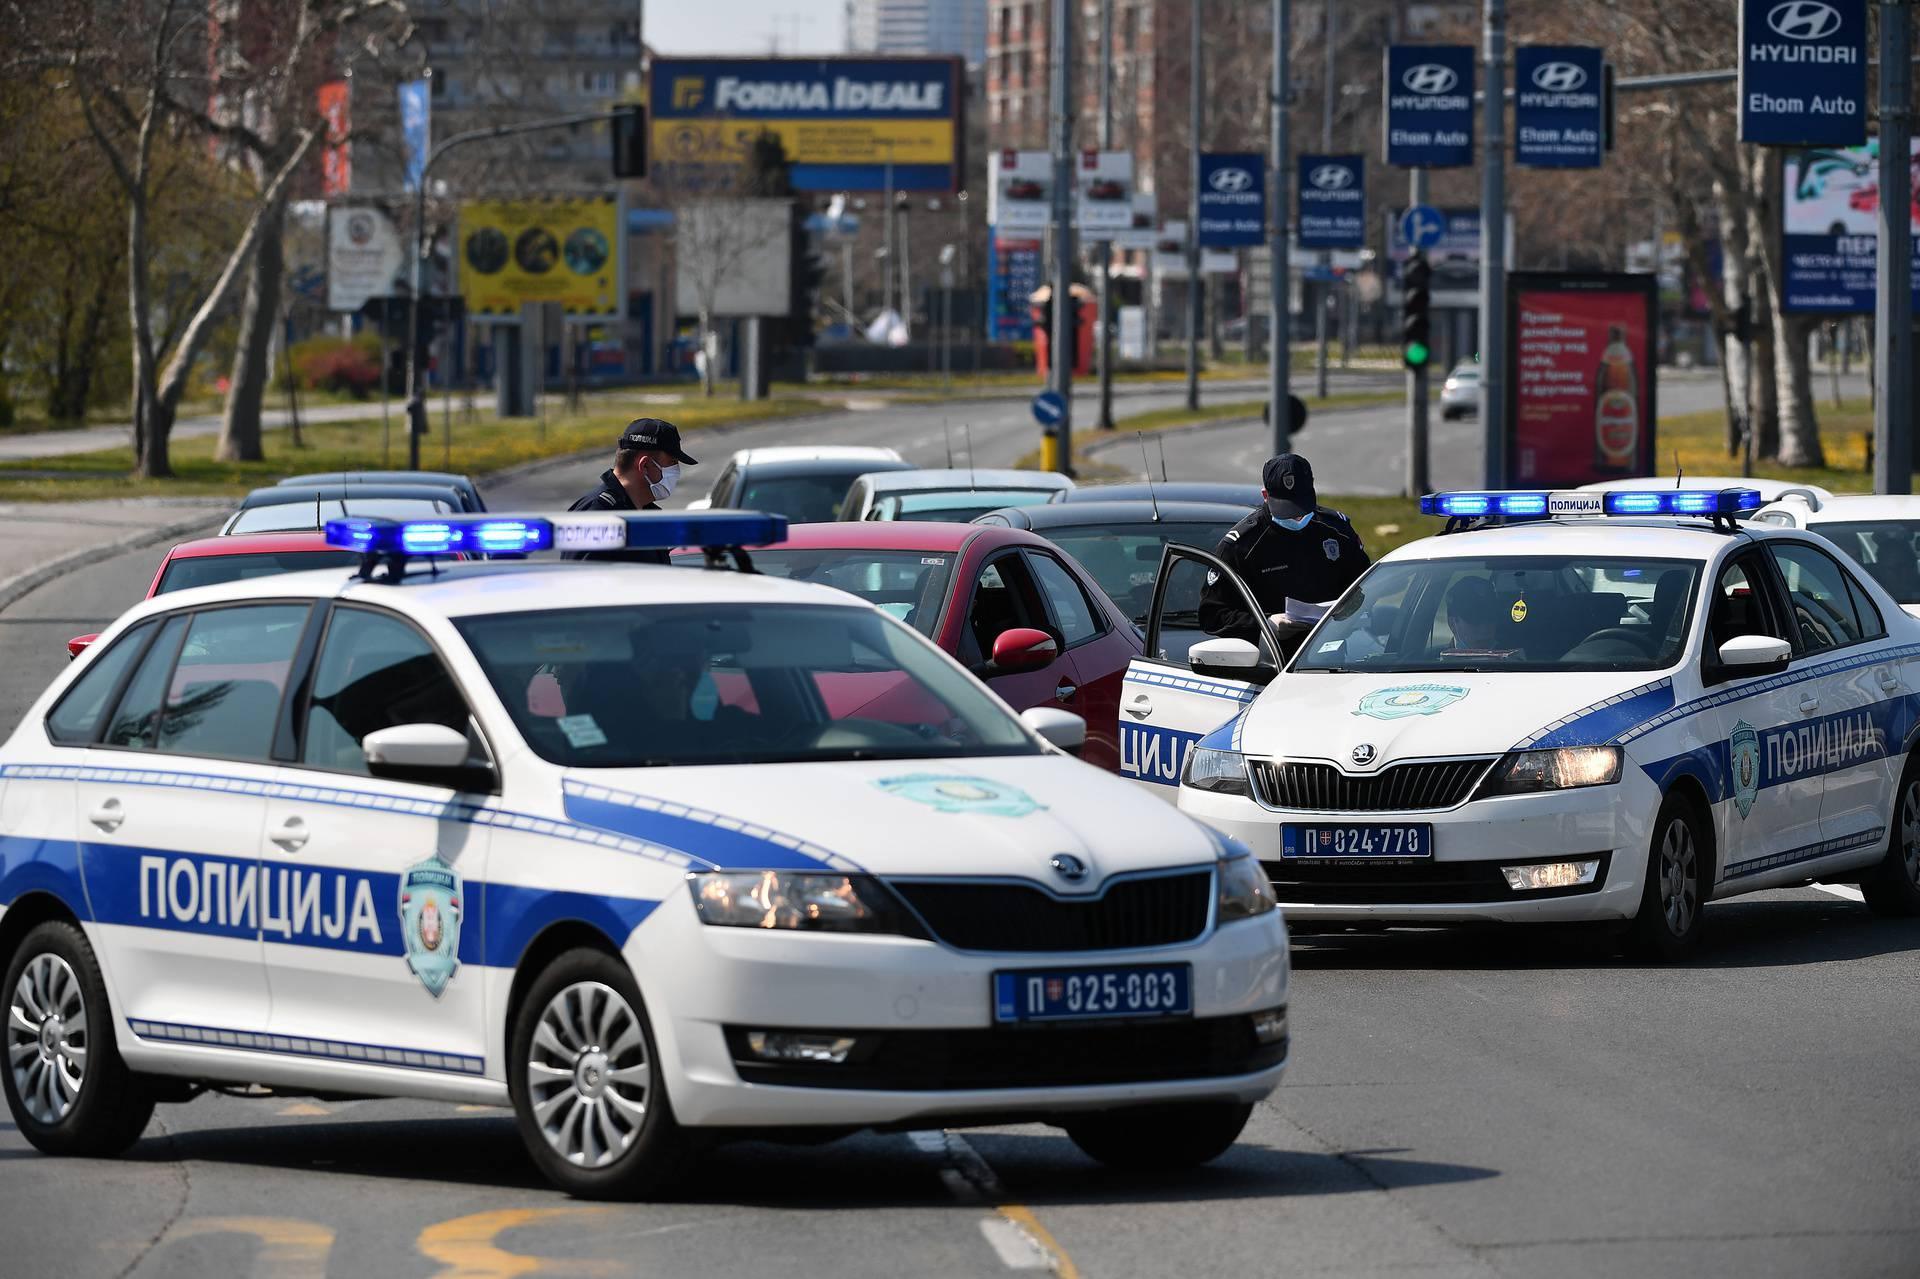 Prometna u Beogradu: Dvoje poginulih i osmero ozlijeđenih, među njima i dvogodišnje dijete